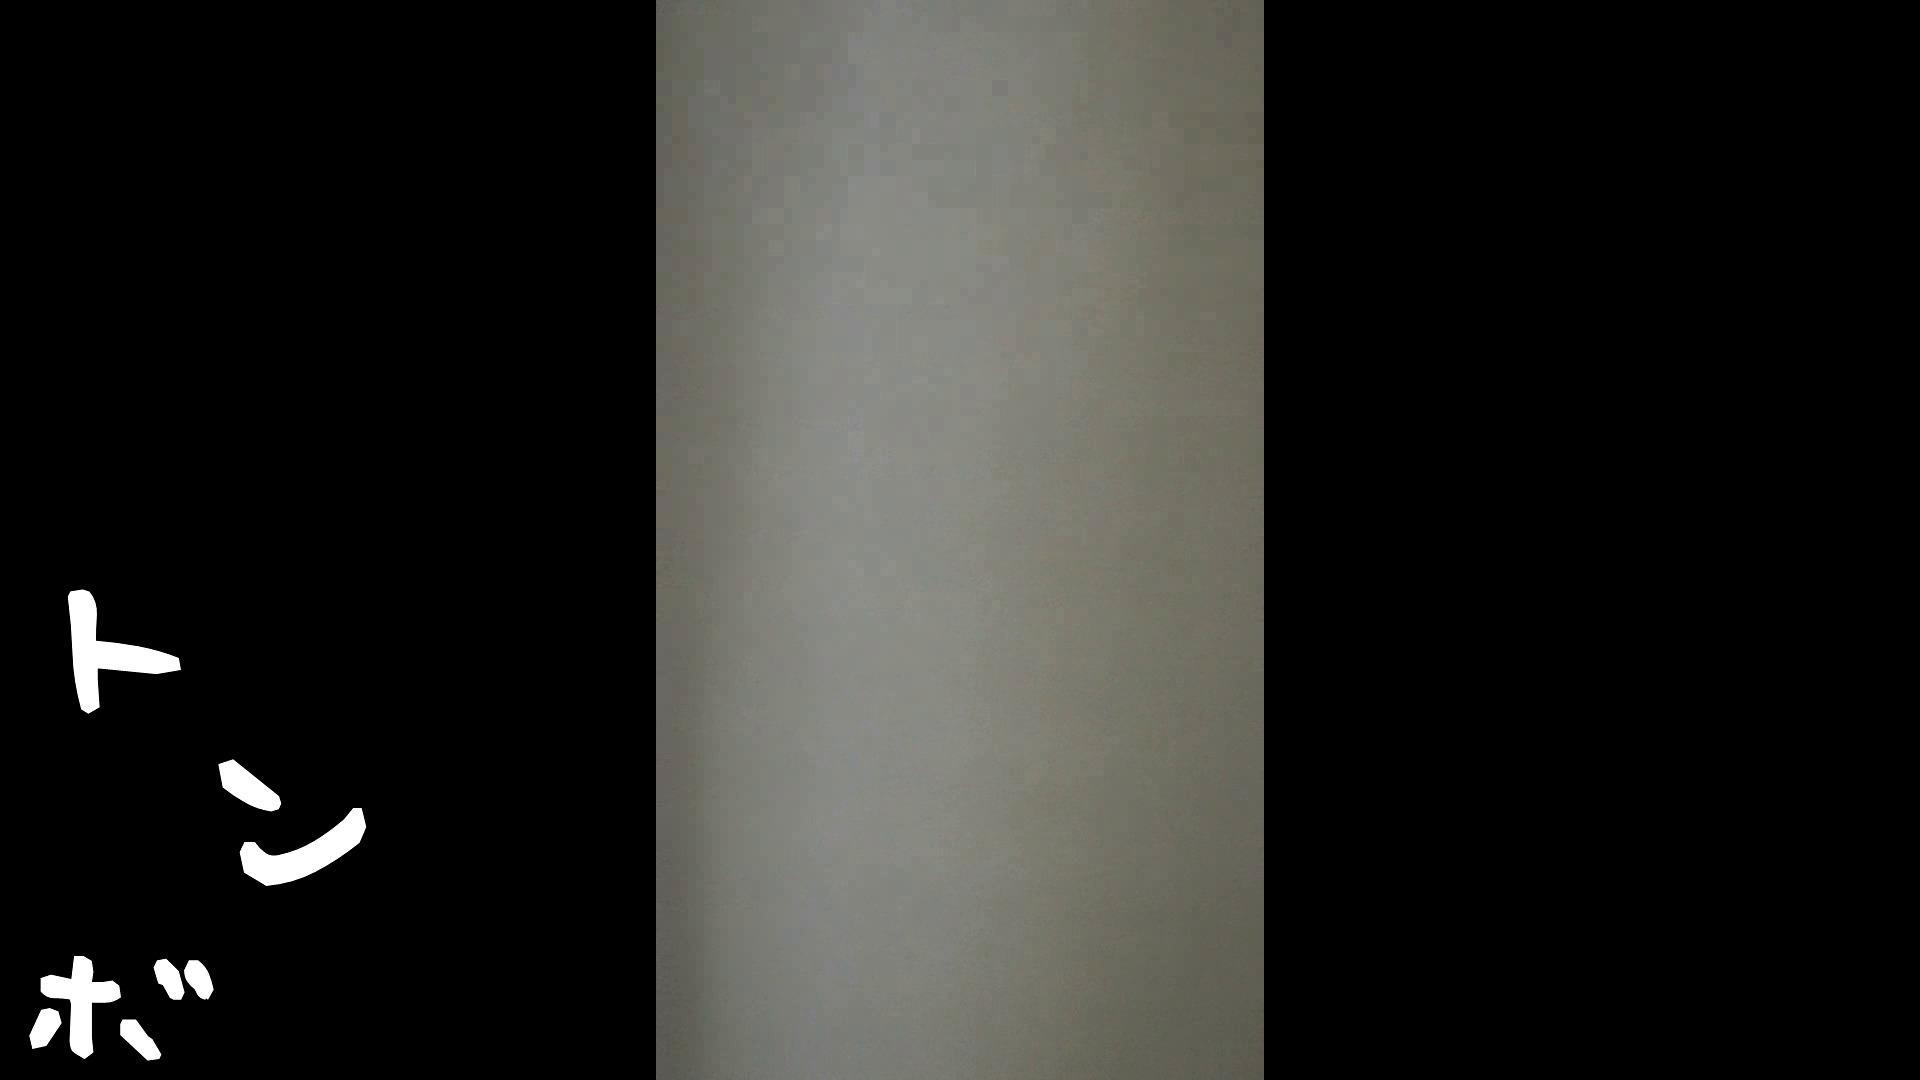 リアル盗撮 北欧留学生一人暮らし部屋ヌード 美女達のヌード   盗撮エロすぎ  102連発 71